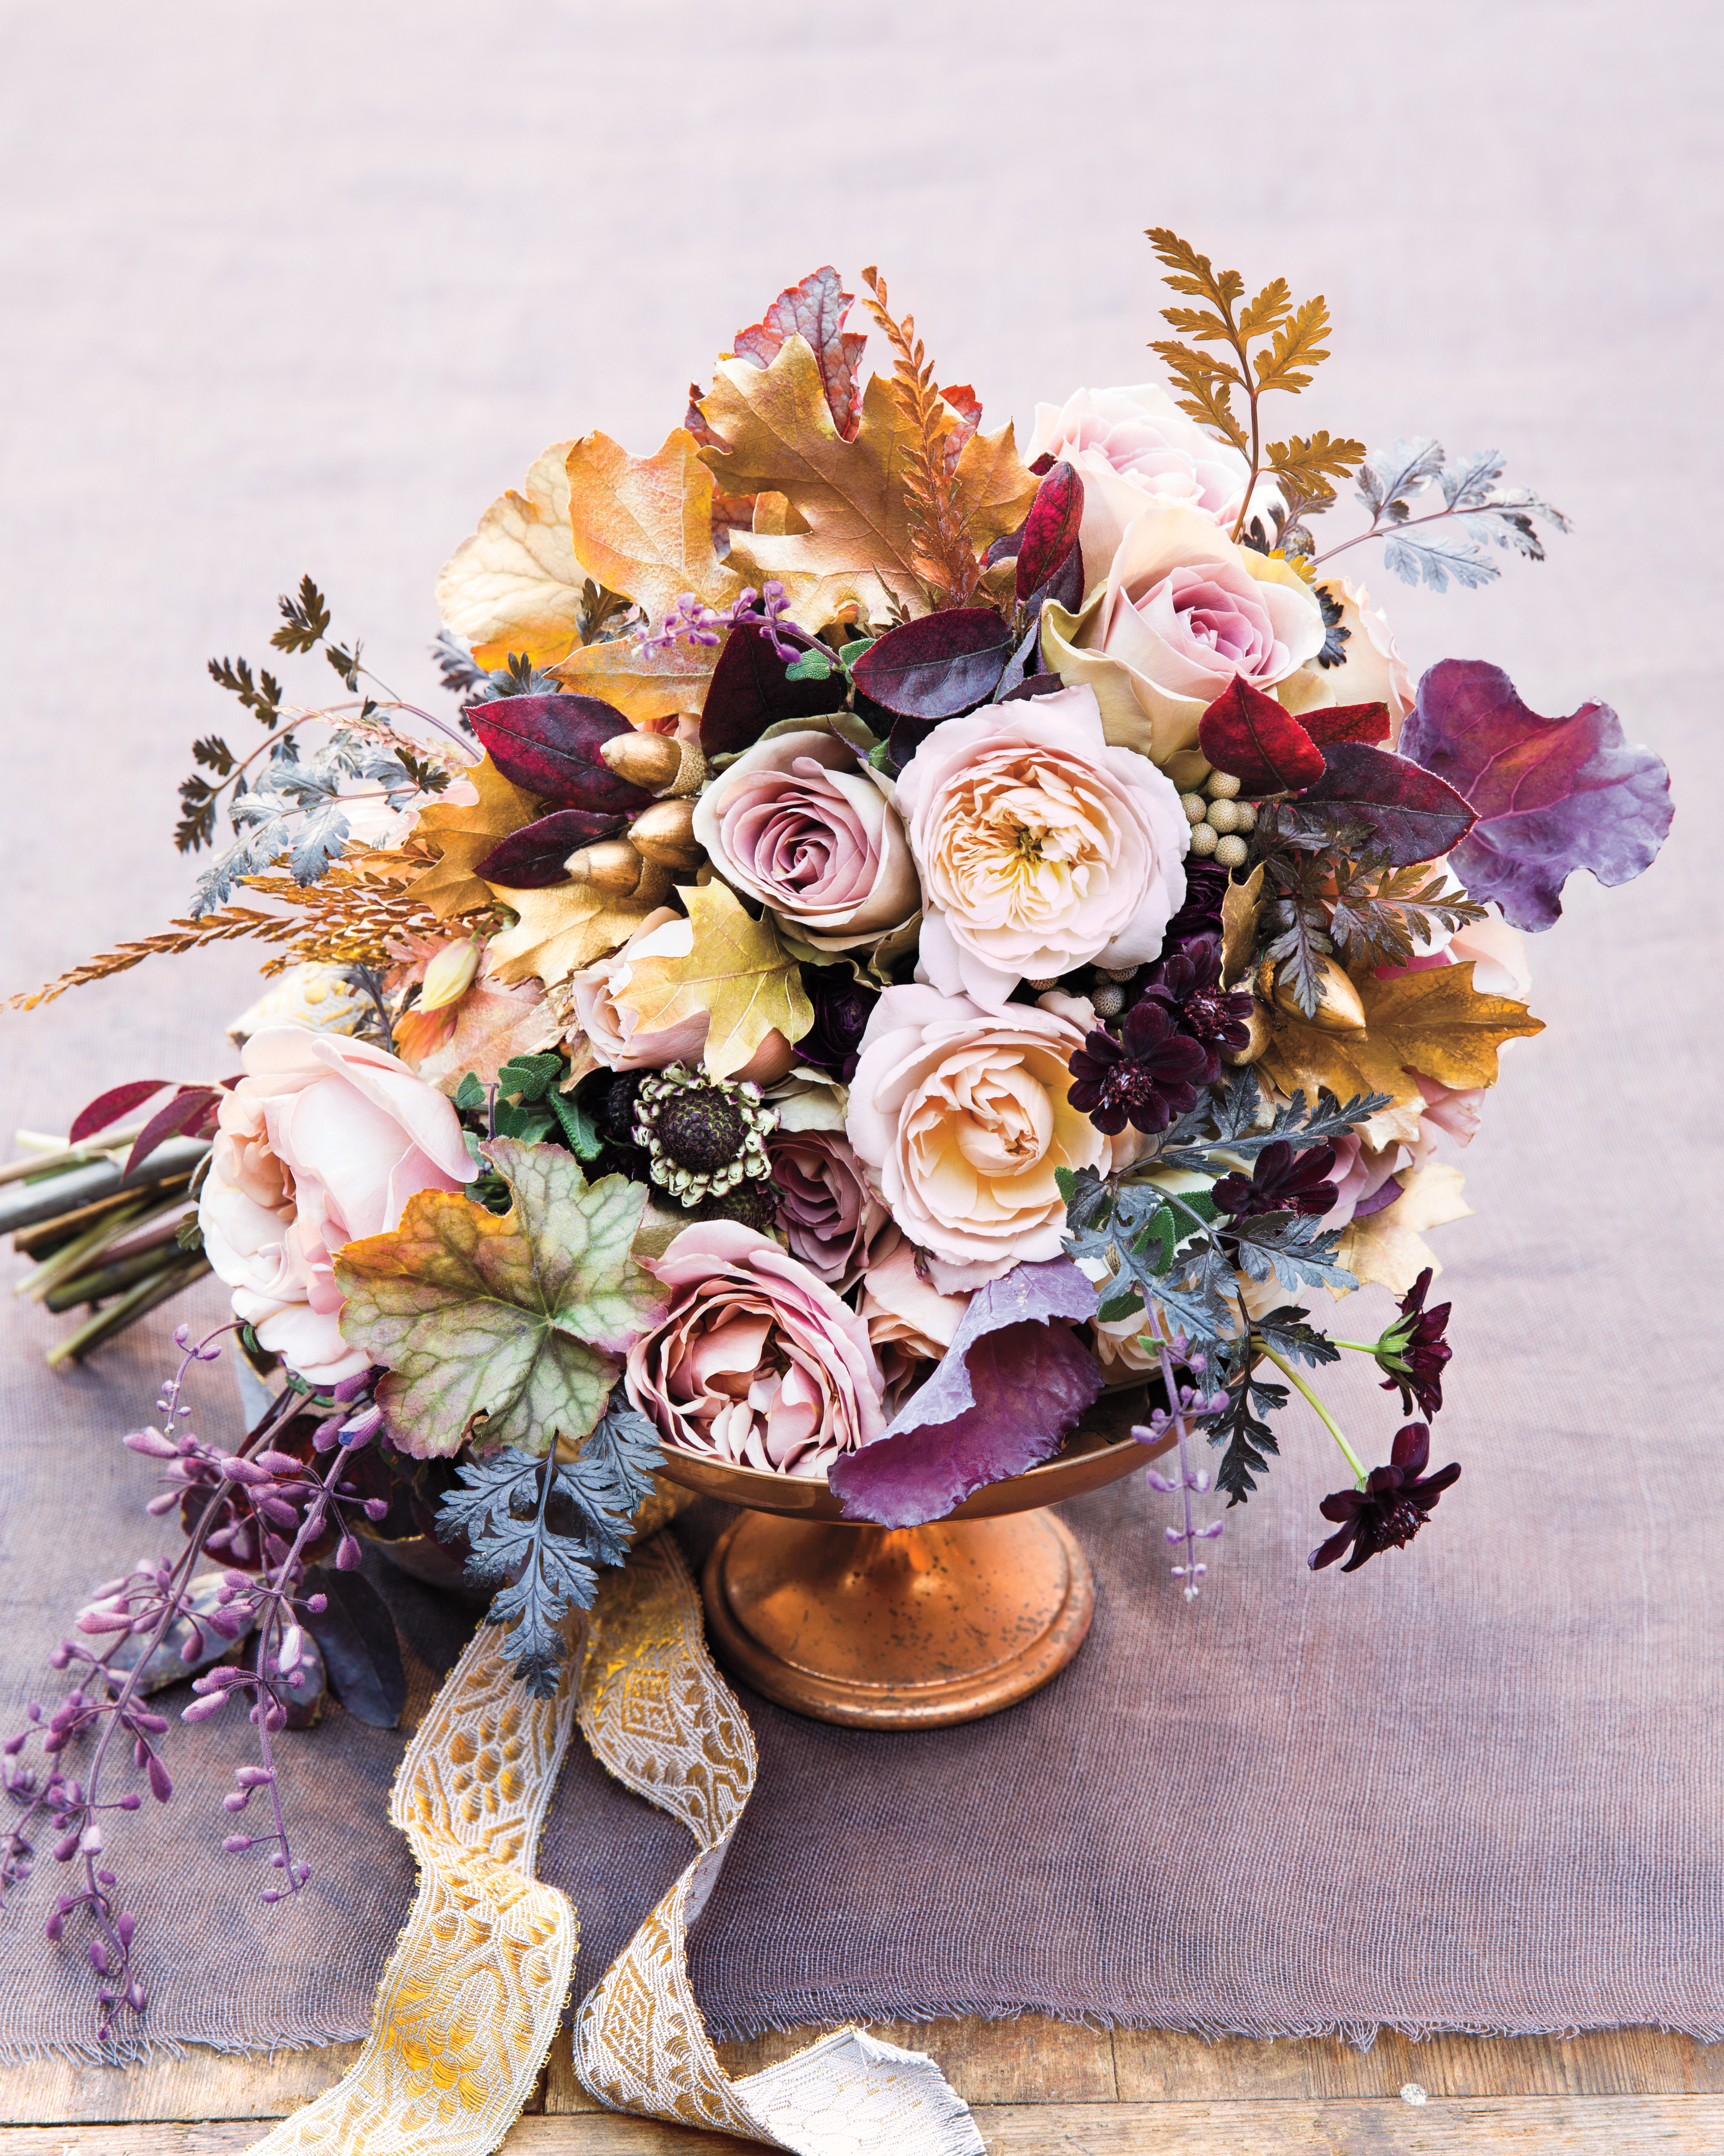 bouquet-6256-mwd110838.jpg